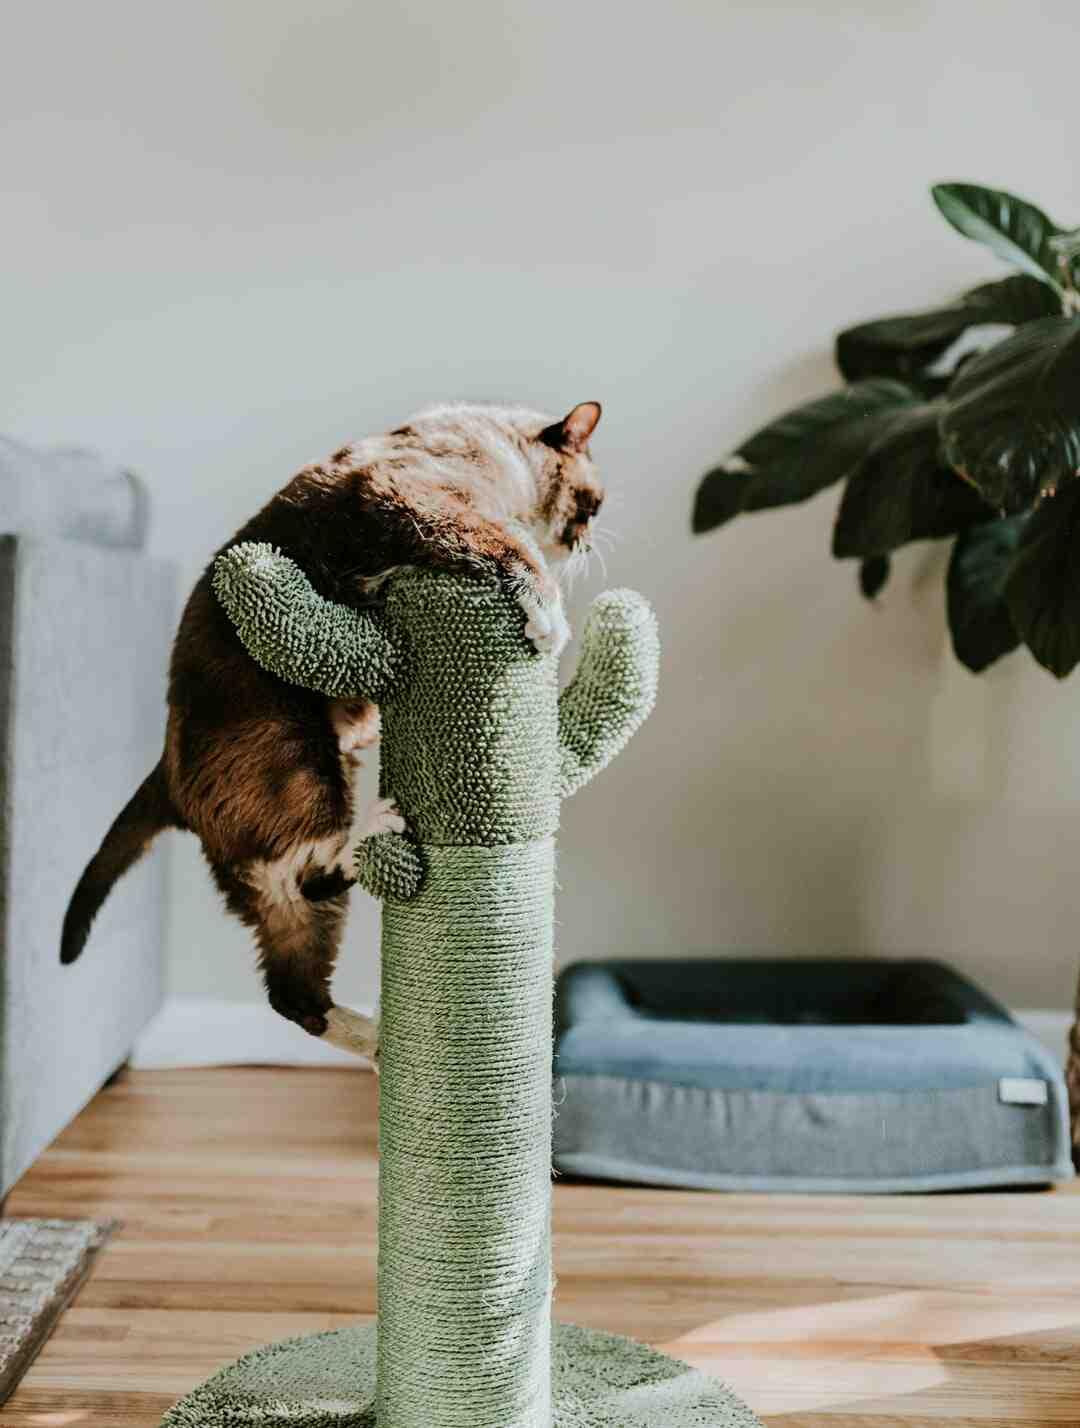 Comment protéger un sapin de Noël de son chat